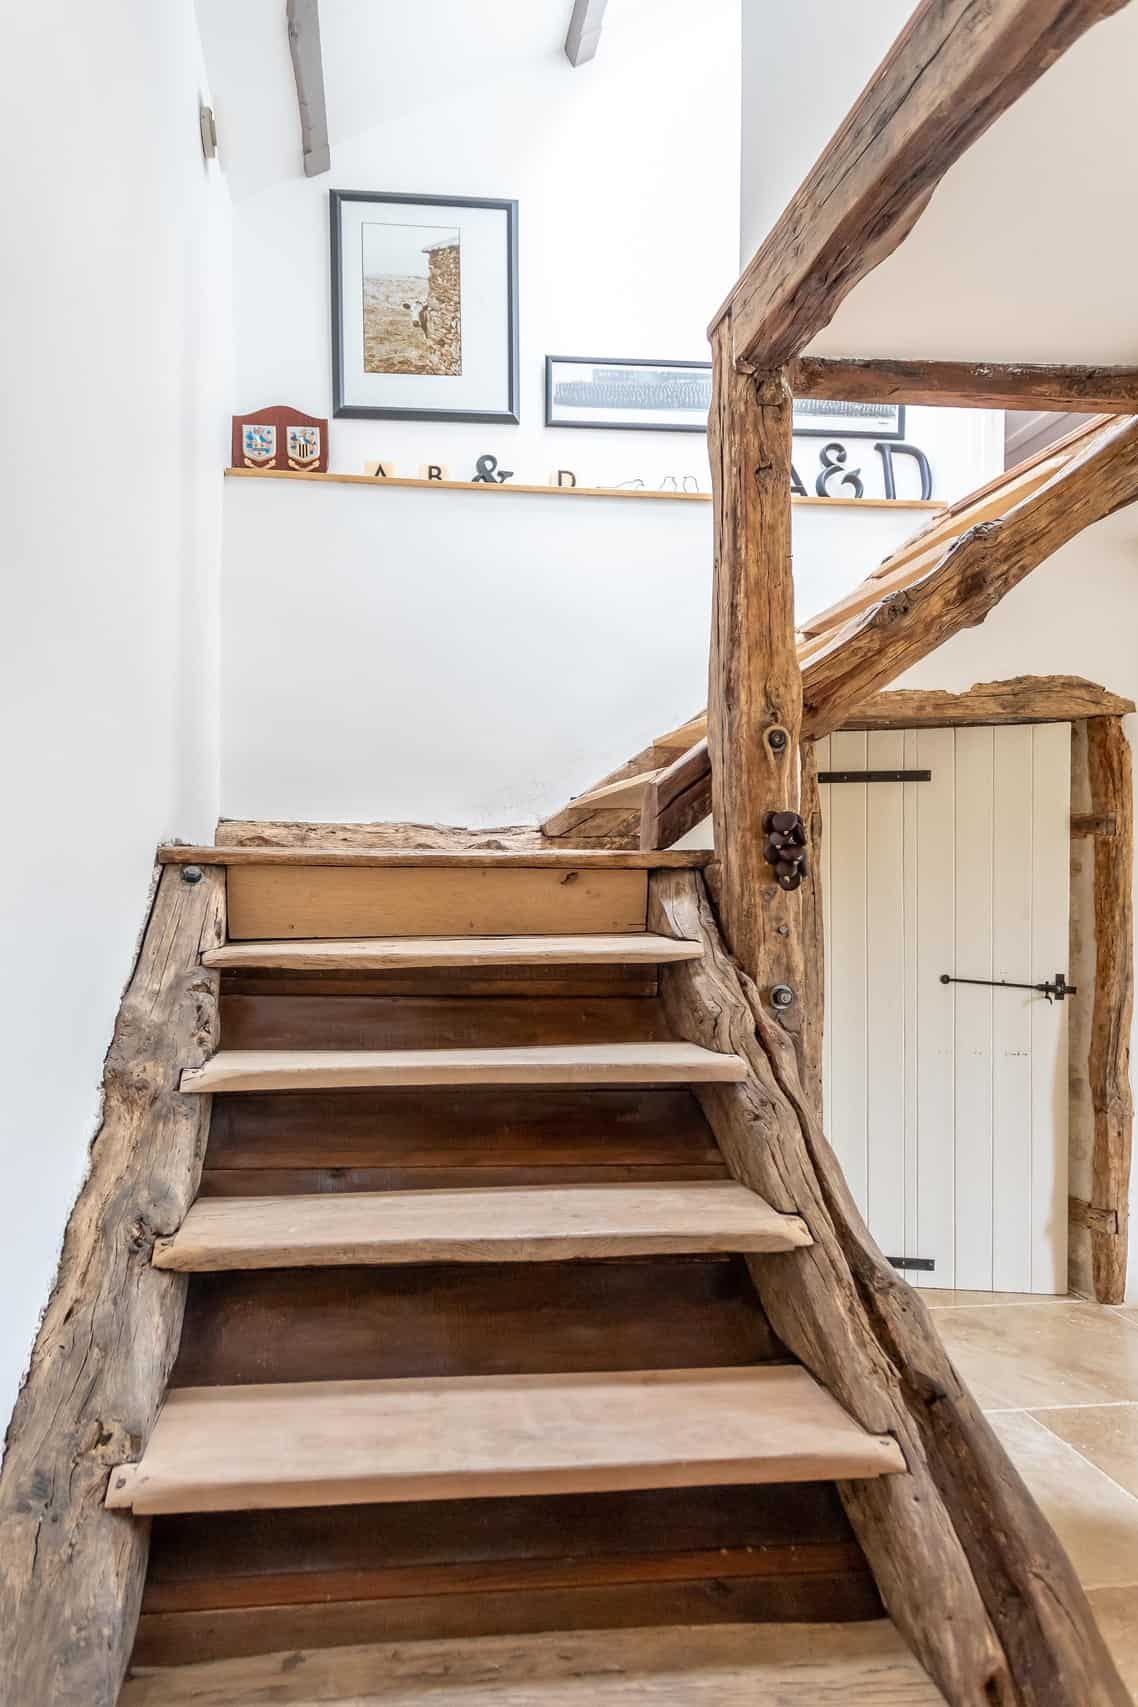 Escalier-WMC073